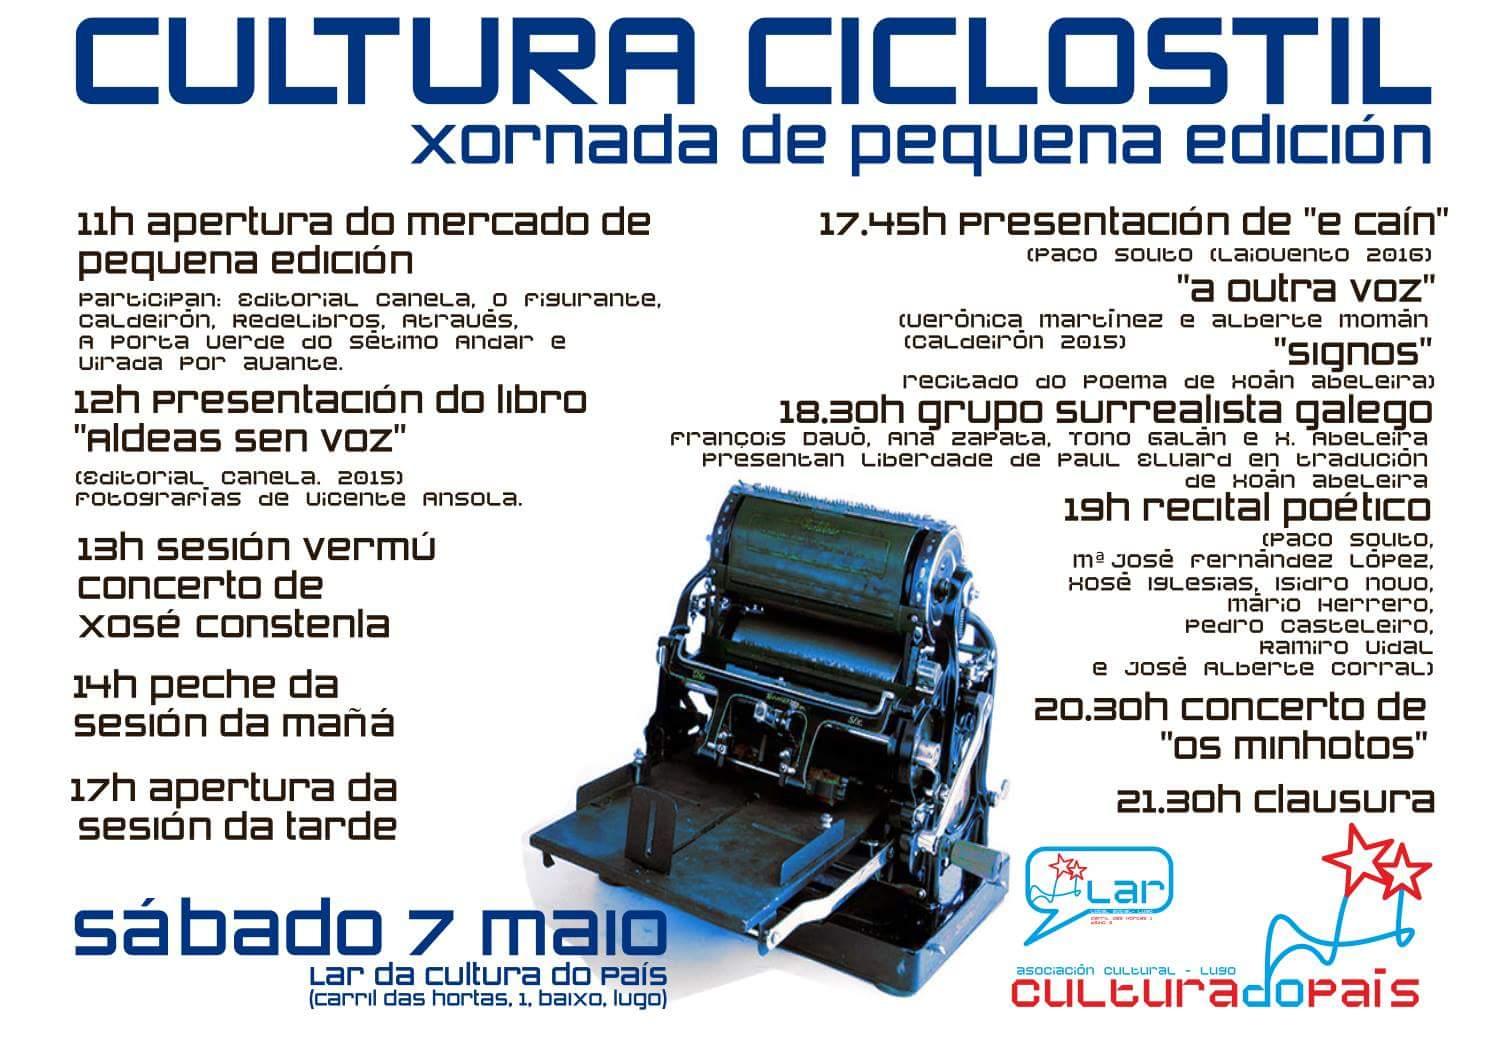 cultura ciclostil 2016